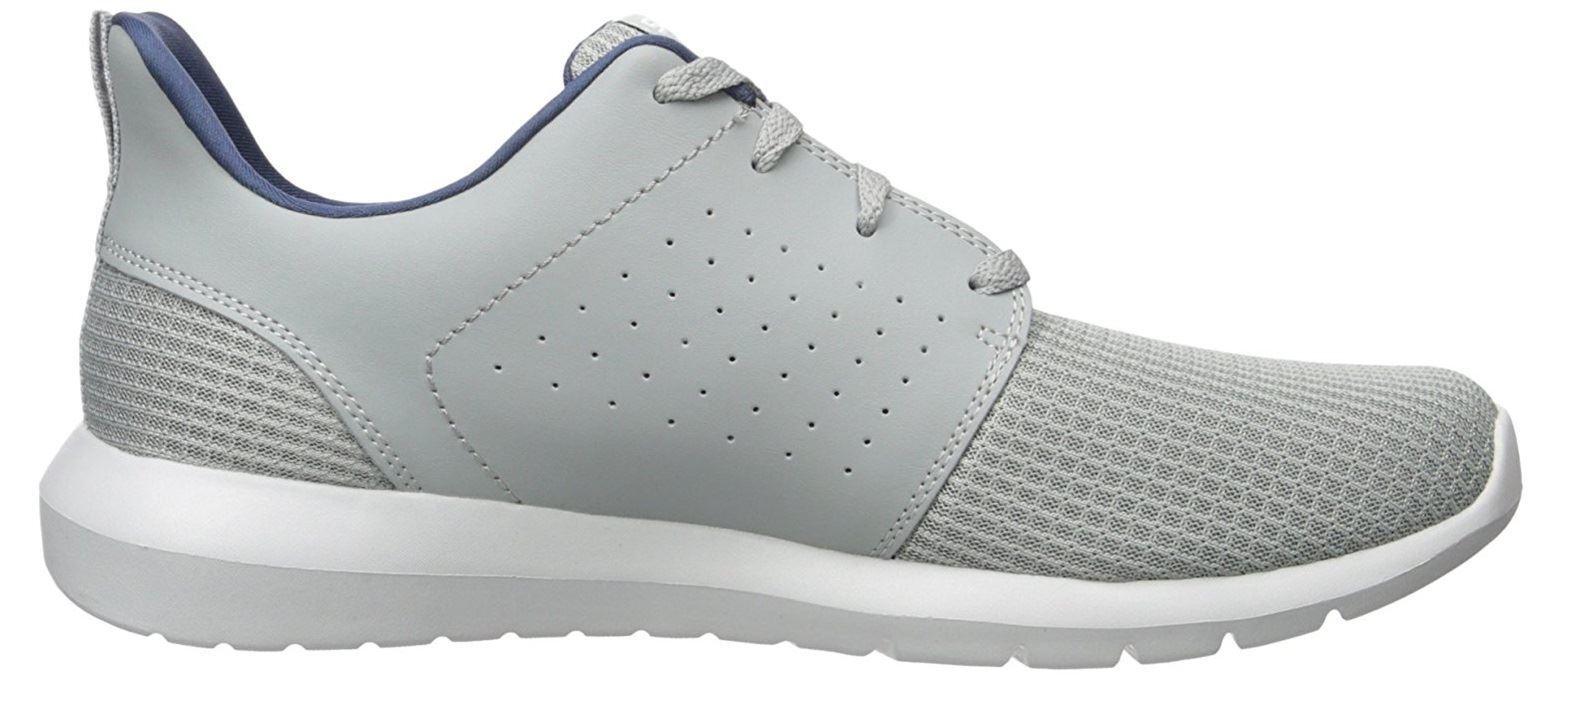 Skechers Uomo Foreflex Foreflex Foreflex con Lacci Athletic Walking e Training scarpe da ginnastica in Grigio 7cb785